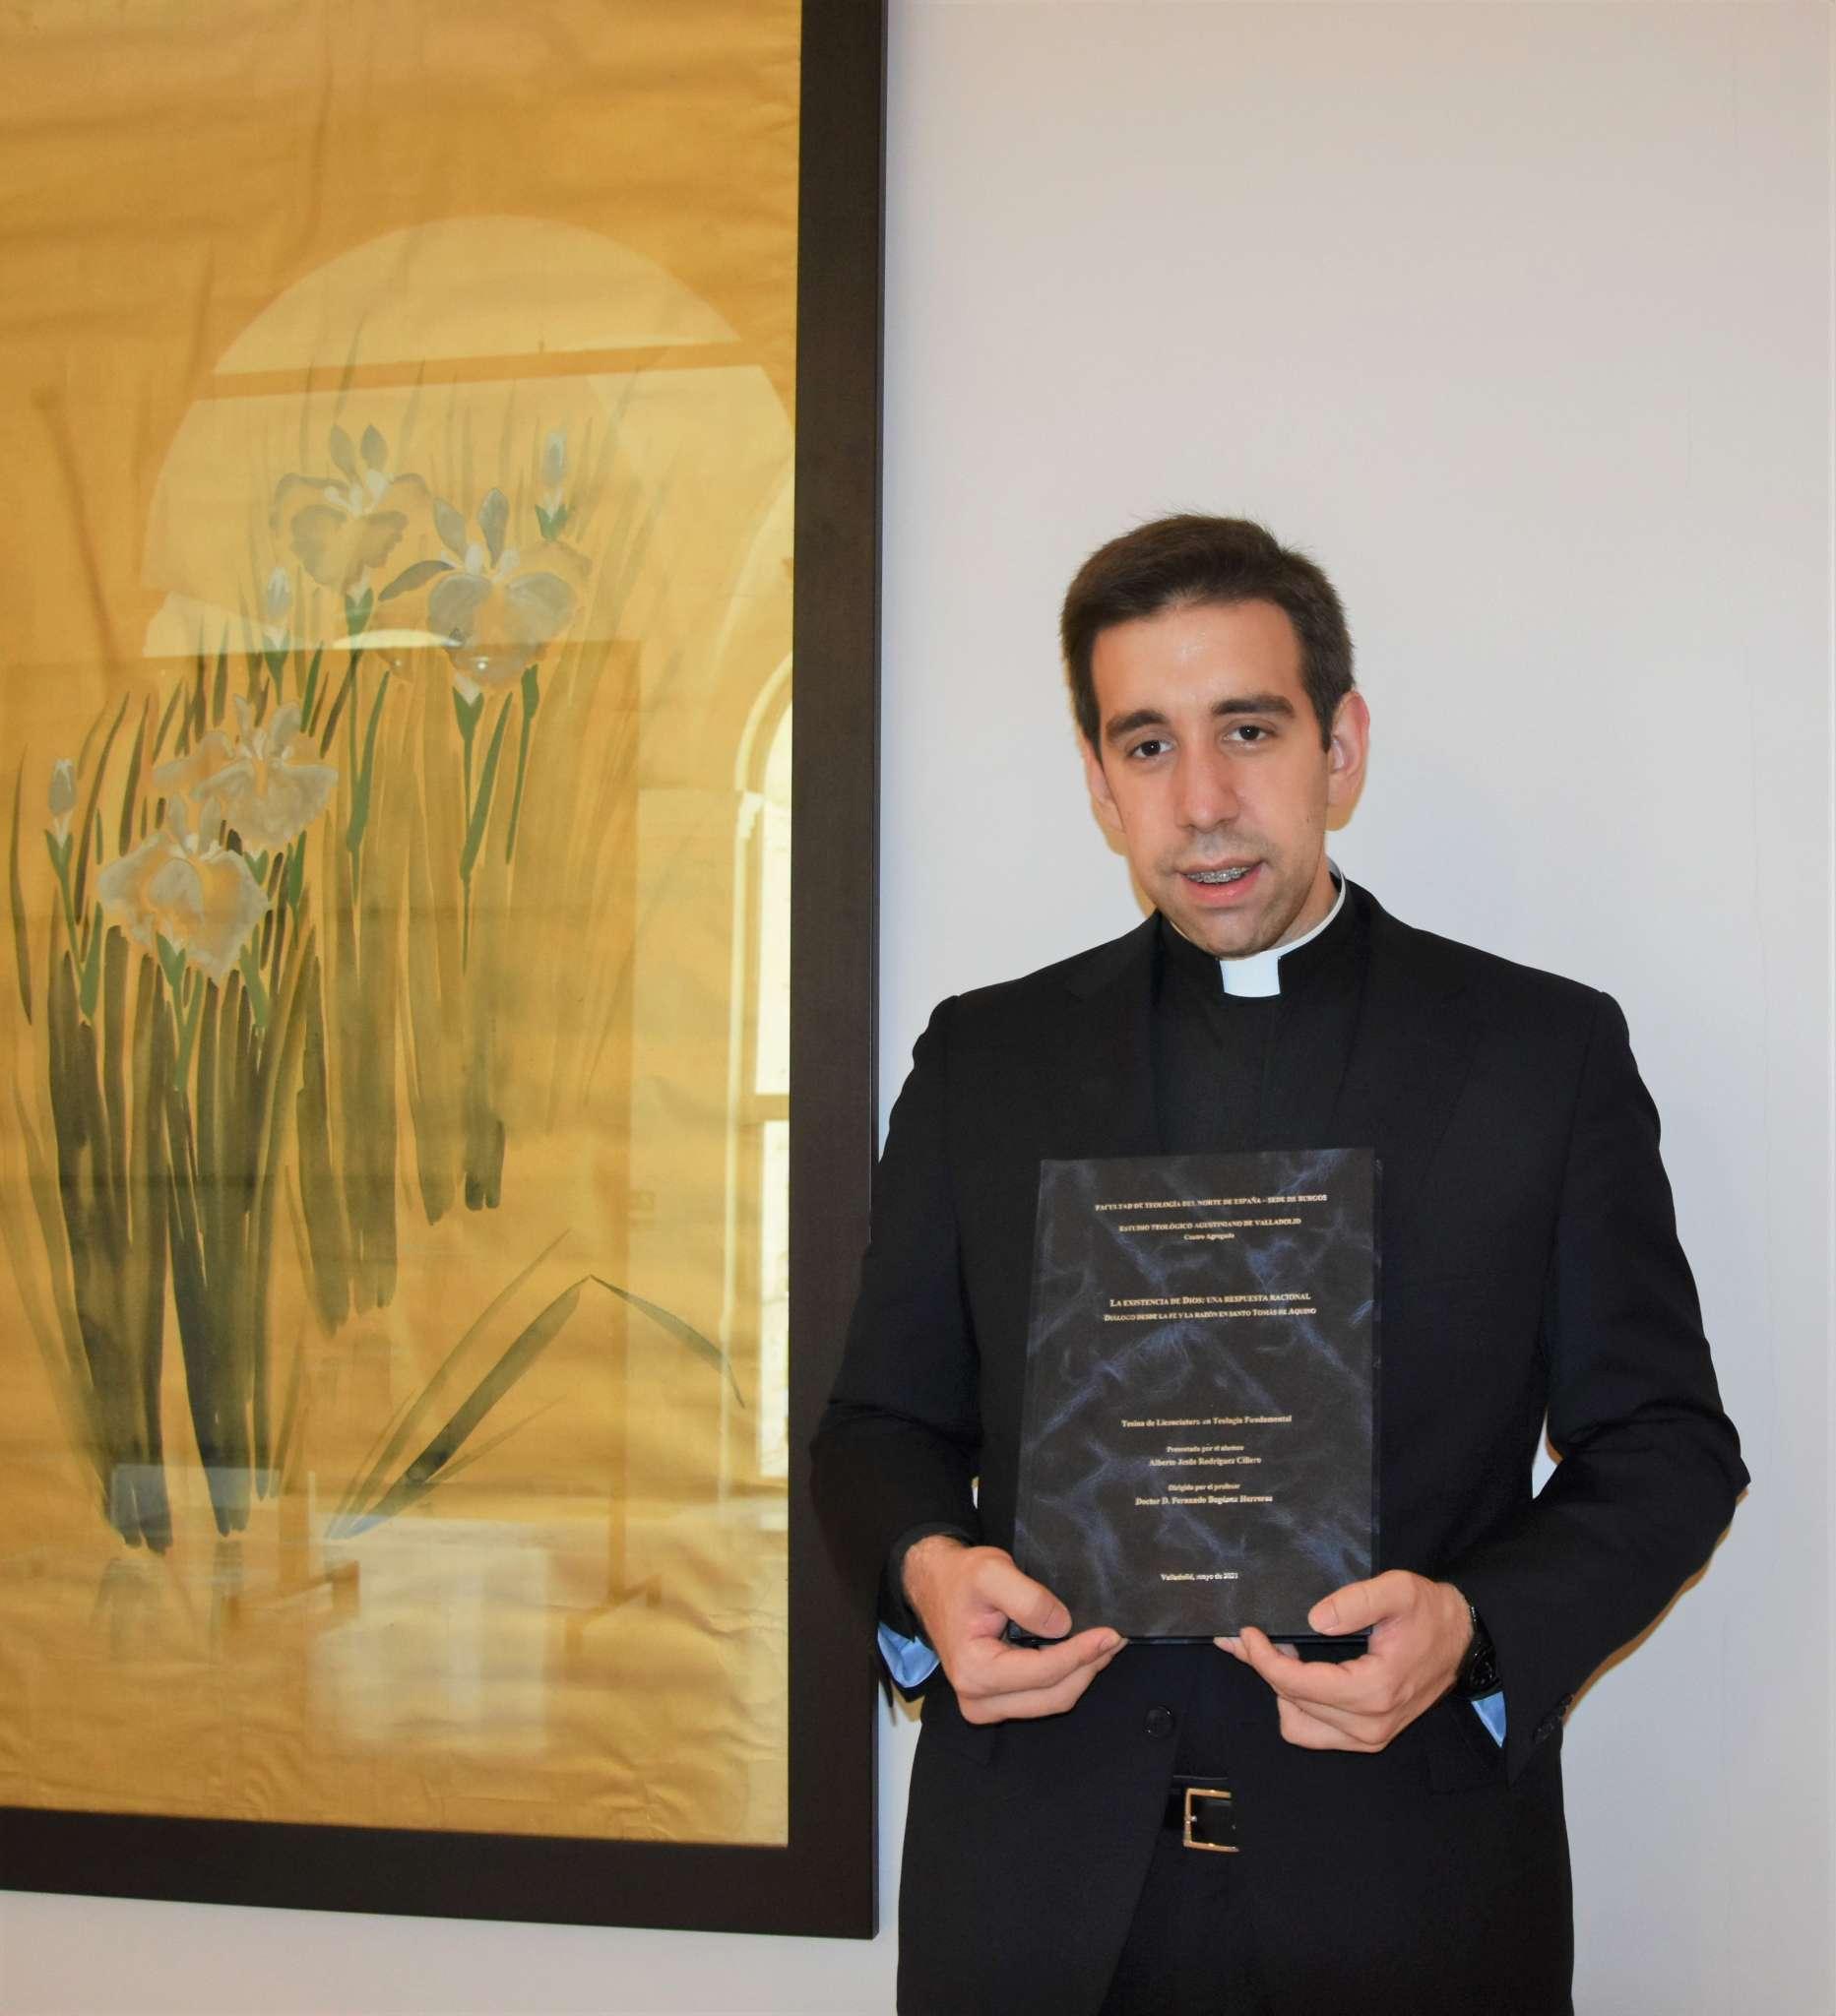 El 25 de junio, defendió su tesina de Licenciatura en el Estudio Teológico Agustiniano de Valladolid, el alumno Alberto Rodríguez Cillero.